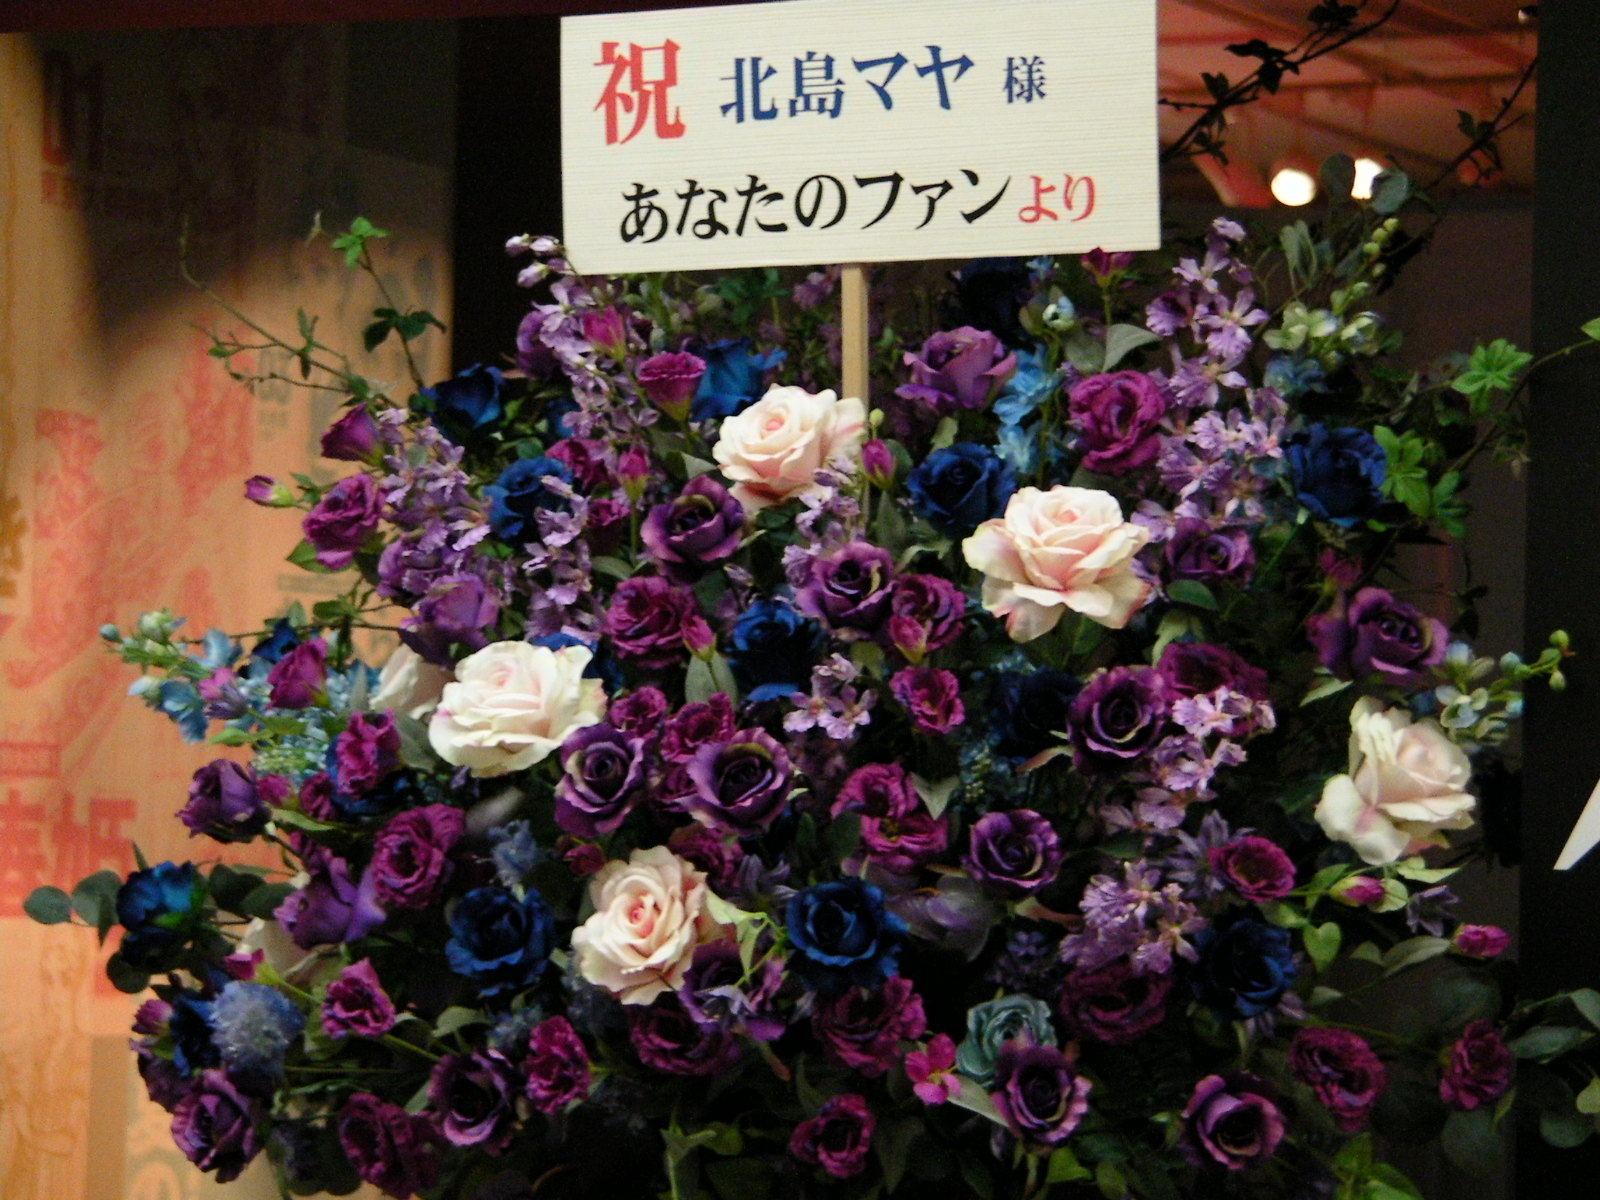 会場入り口には紫のバラを飾る粋な演出